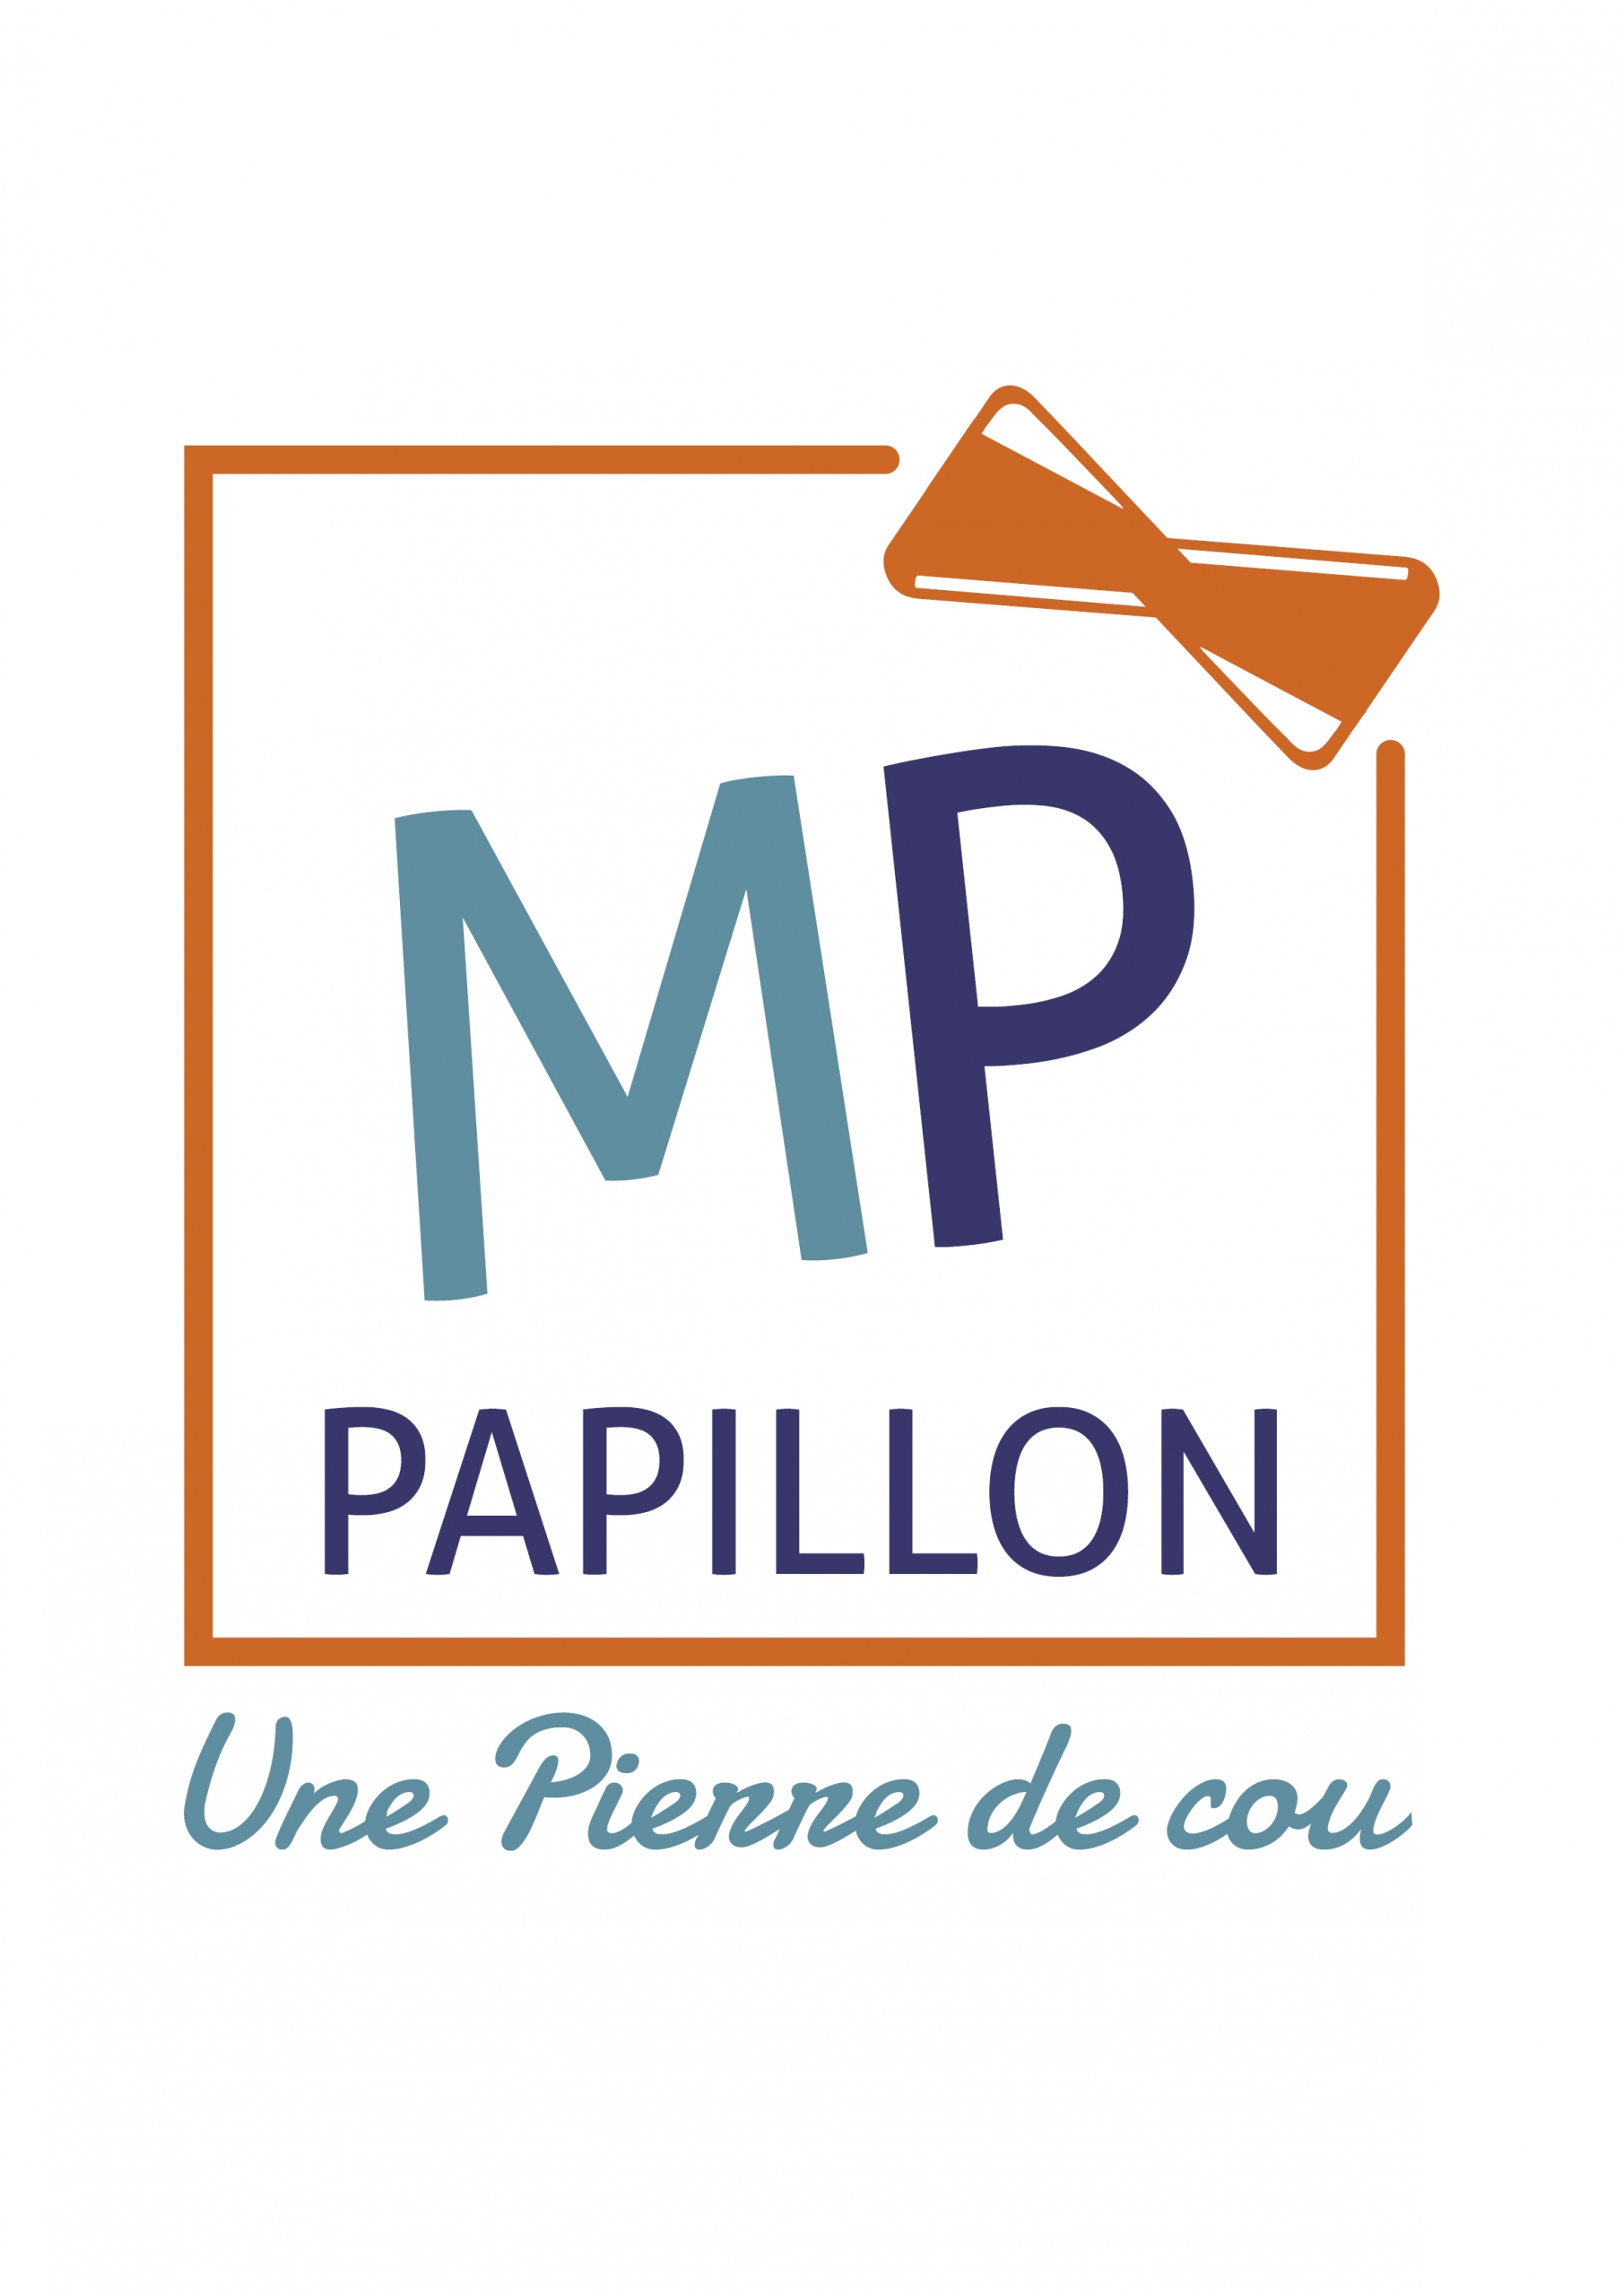 MP Papillon LOGO